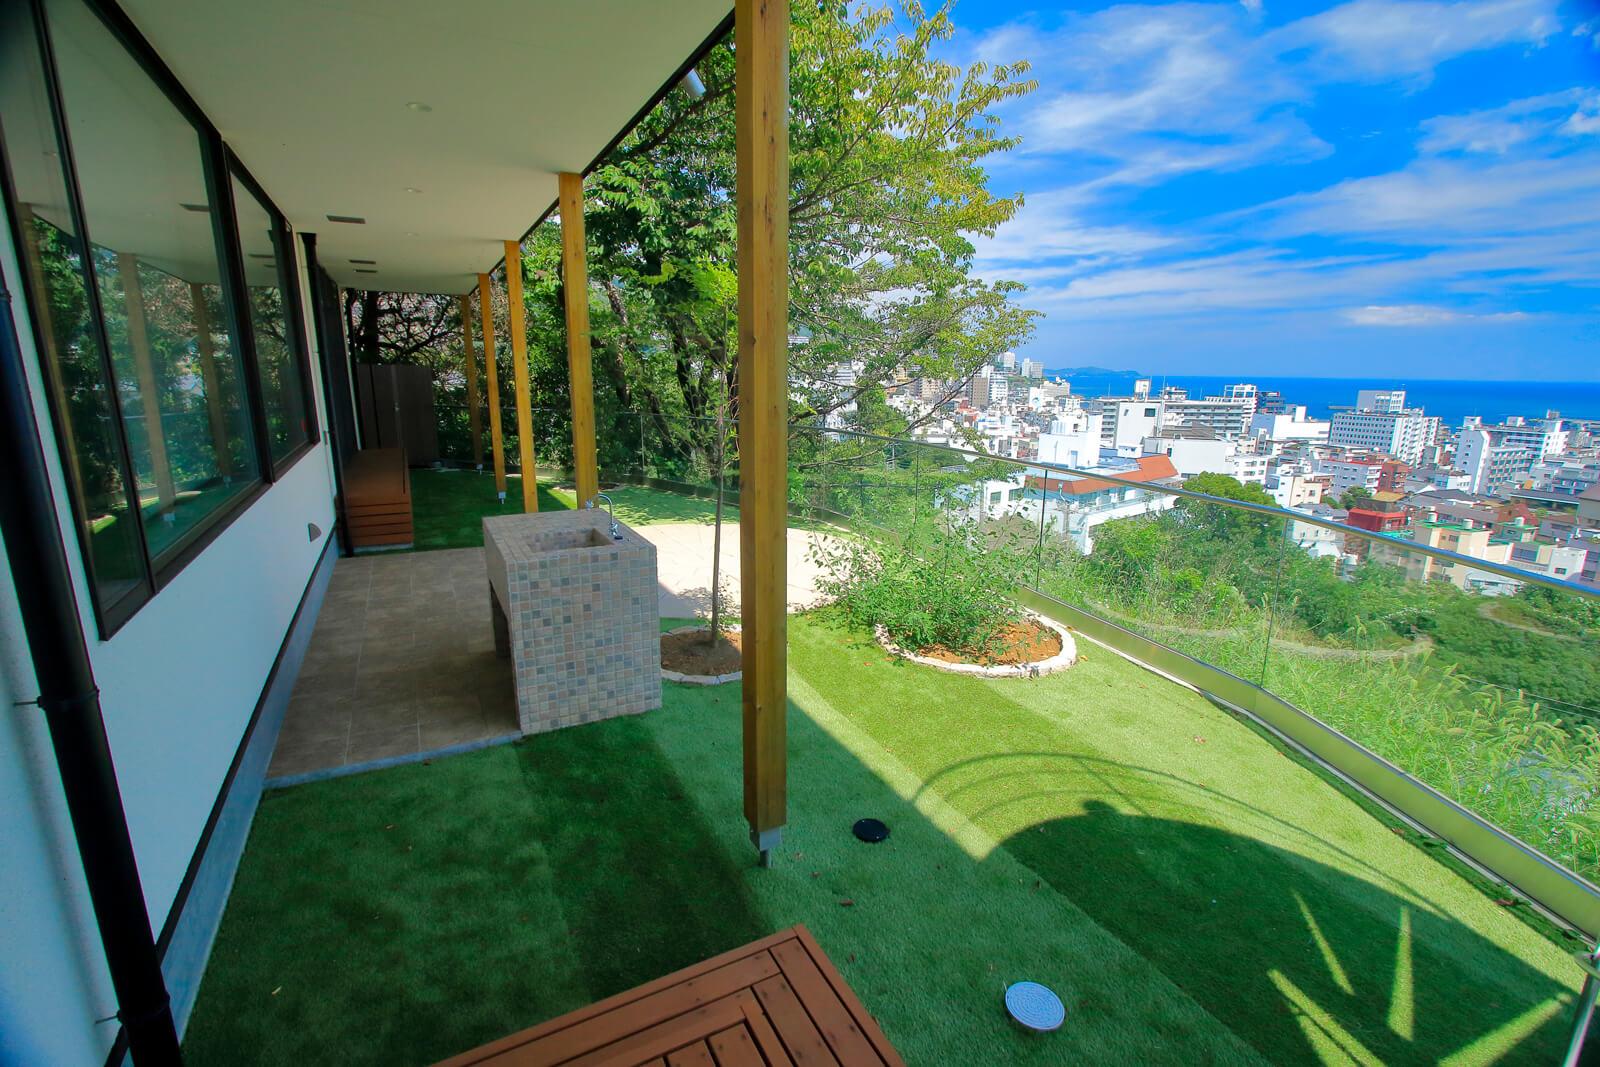 庭の向こうには豊かな緑に囲まれた景観と、熱海の街 並みと海を見晴らす絶景が広がる